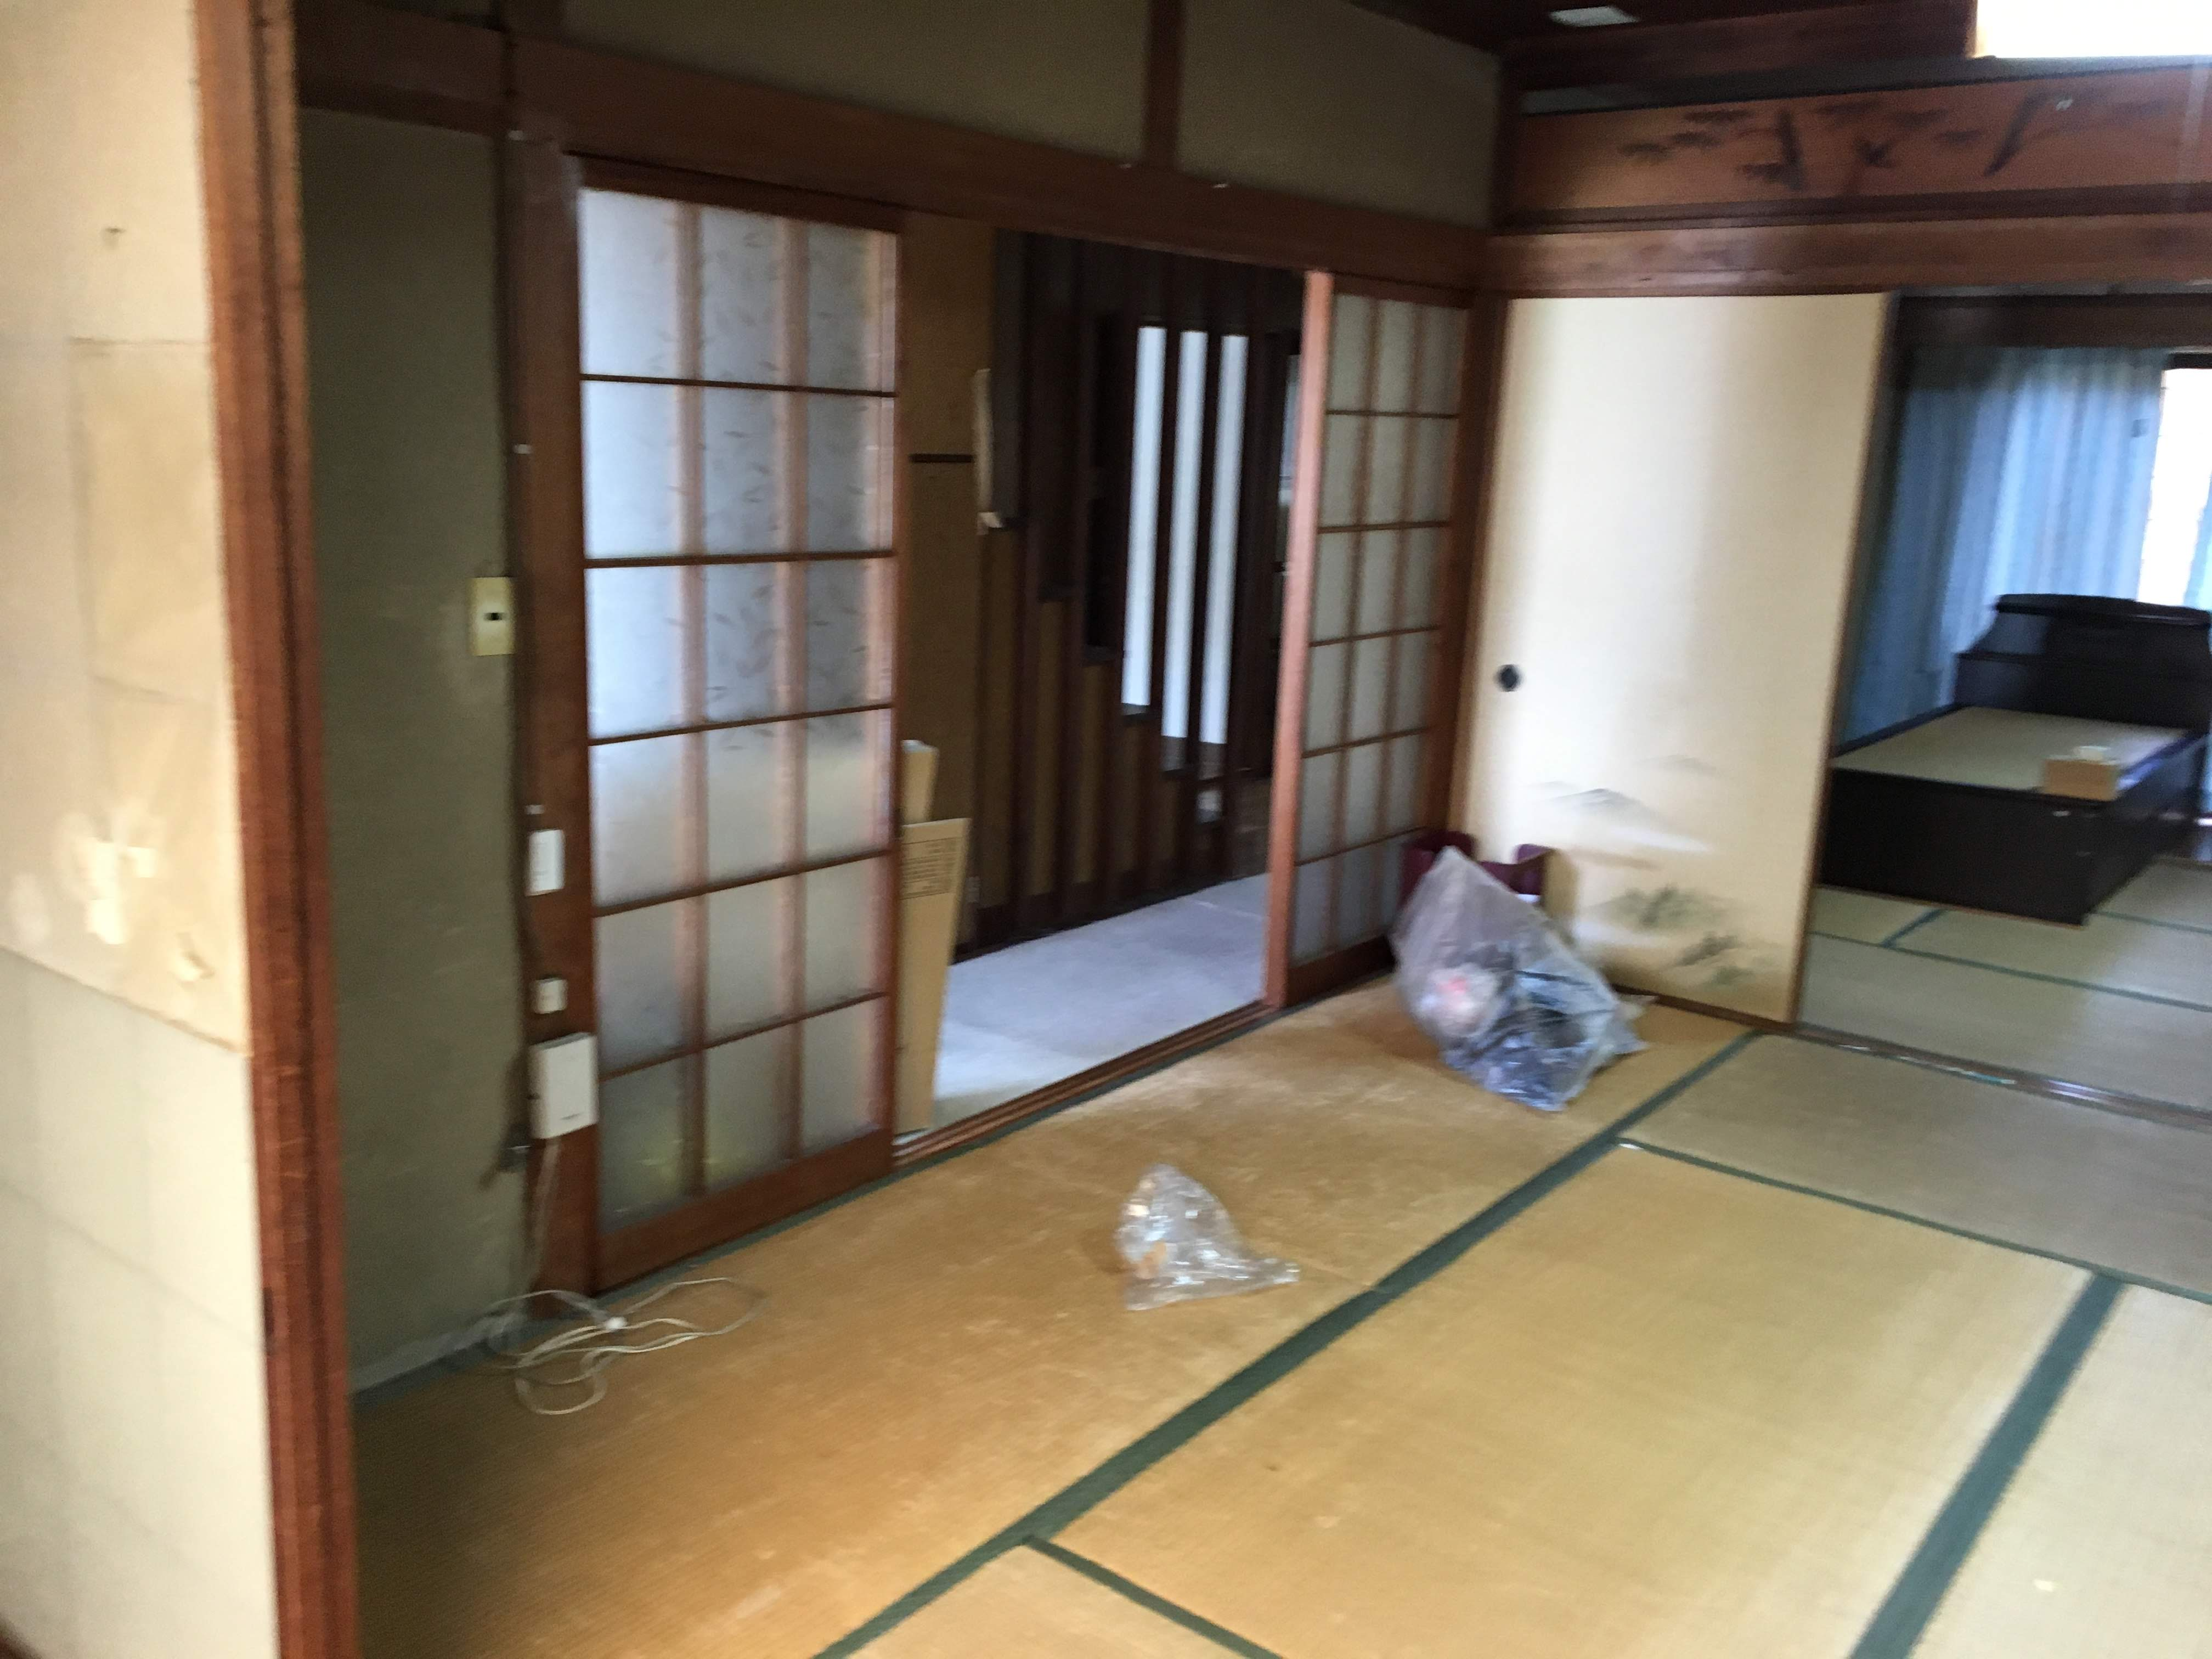 和室で、間仕切りが沢山あり使い勝手が悪かったようです。